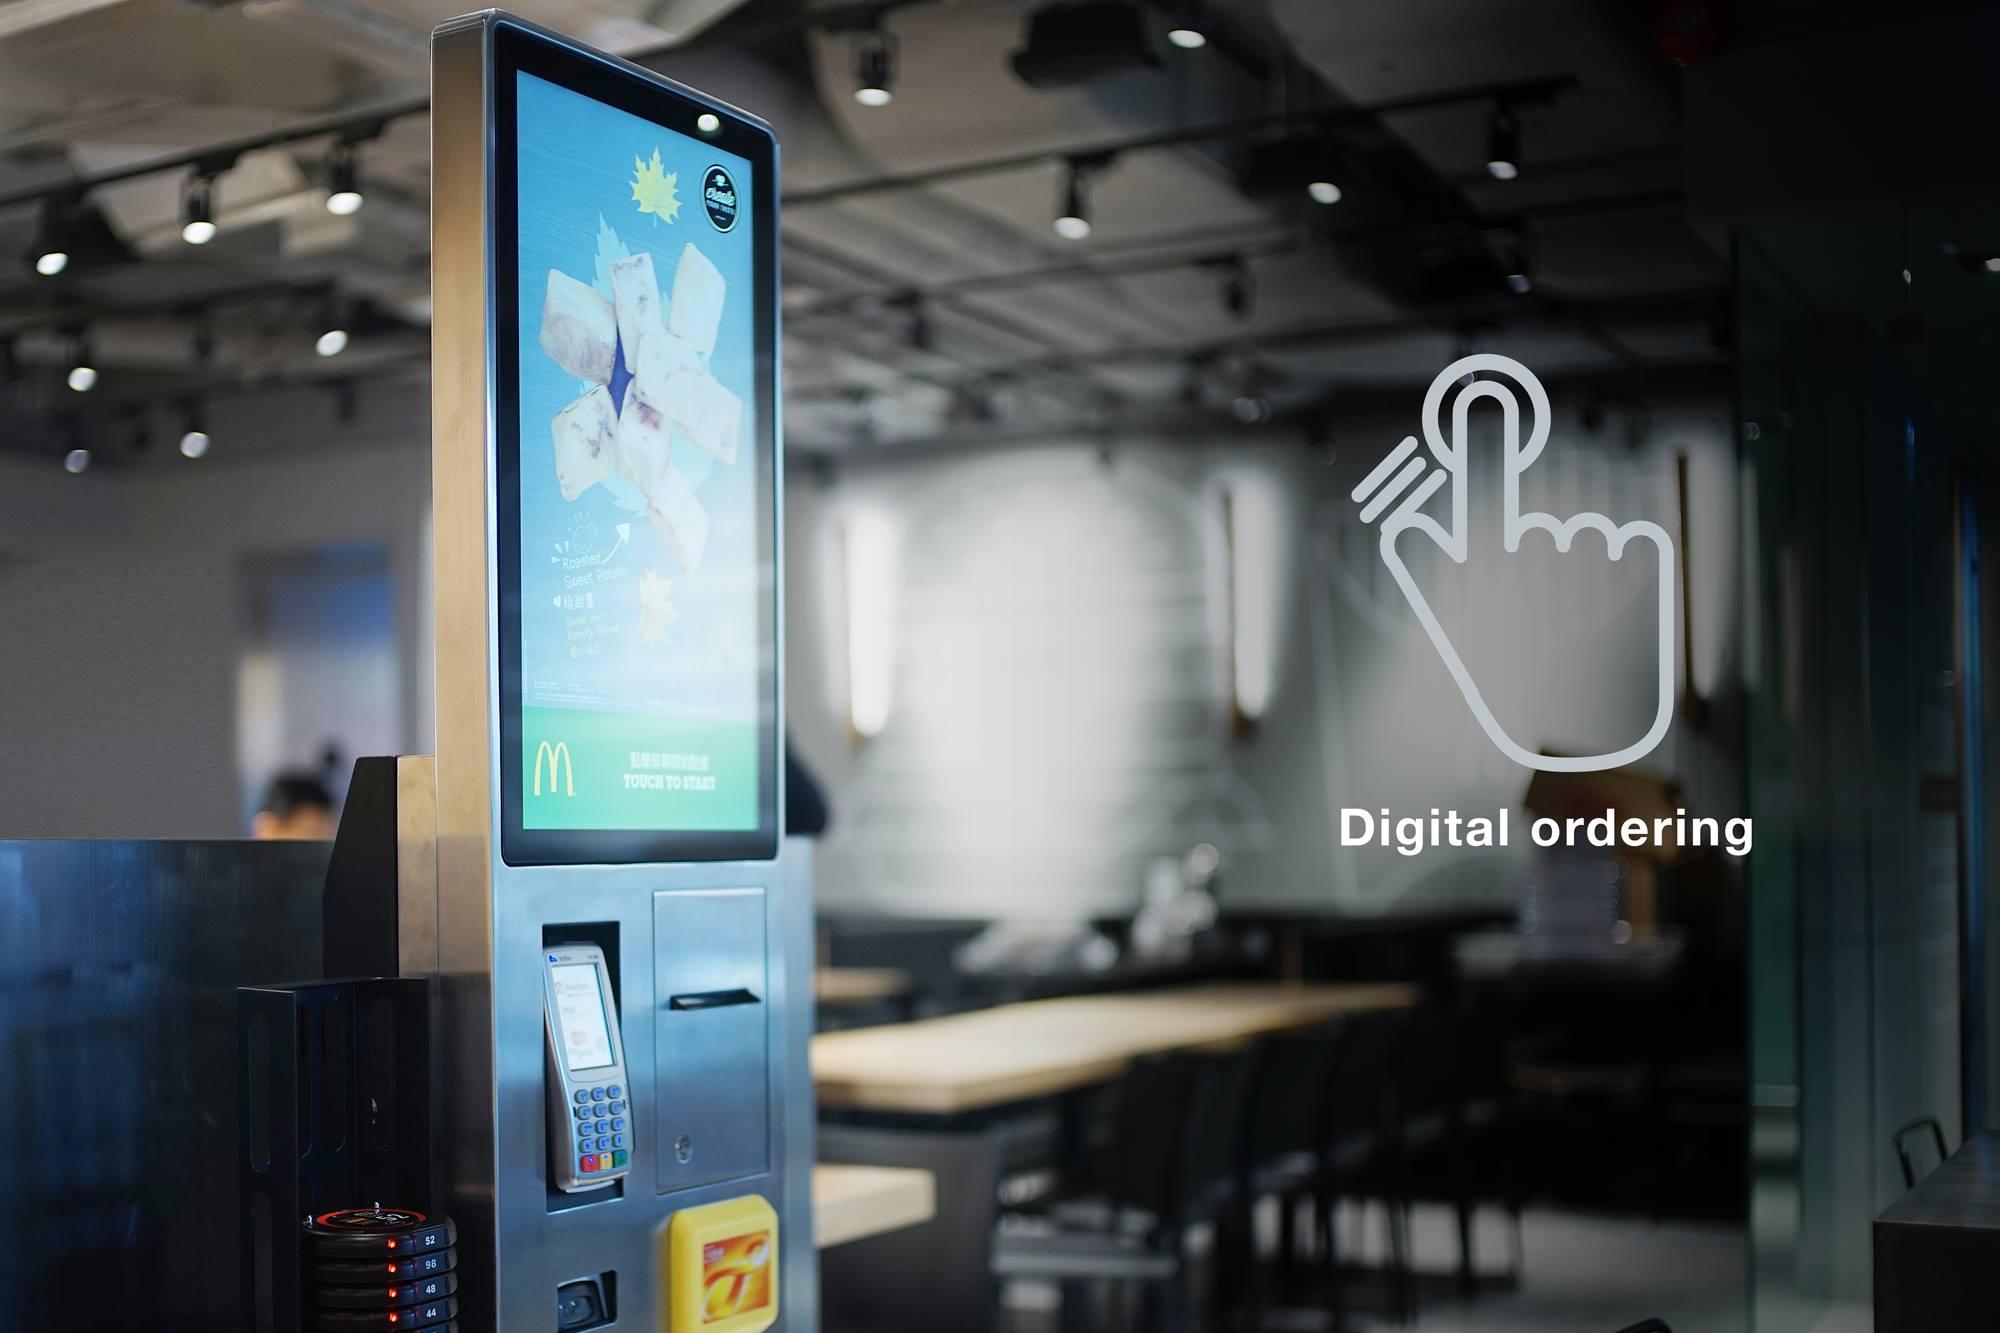 McDonald's Next Kiosk